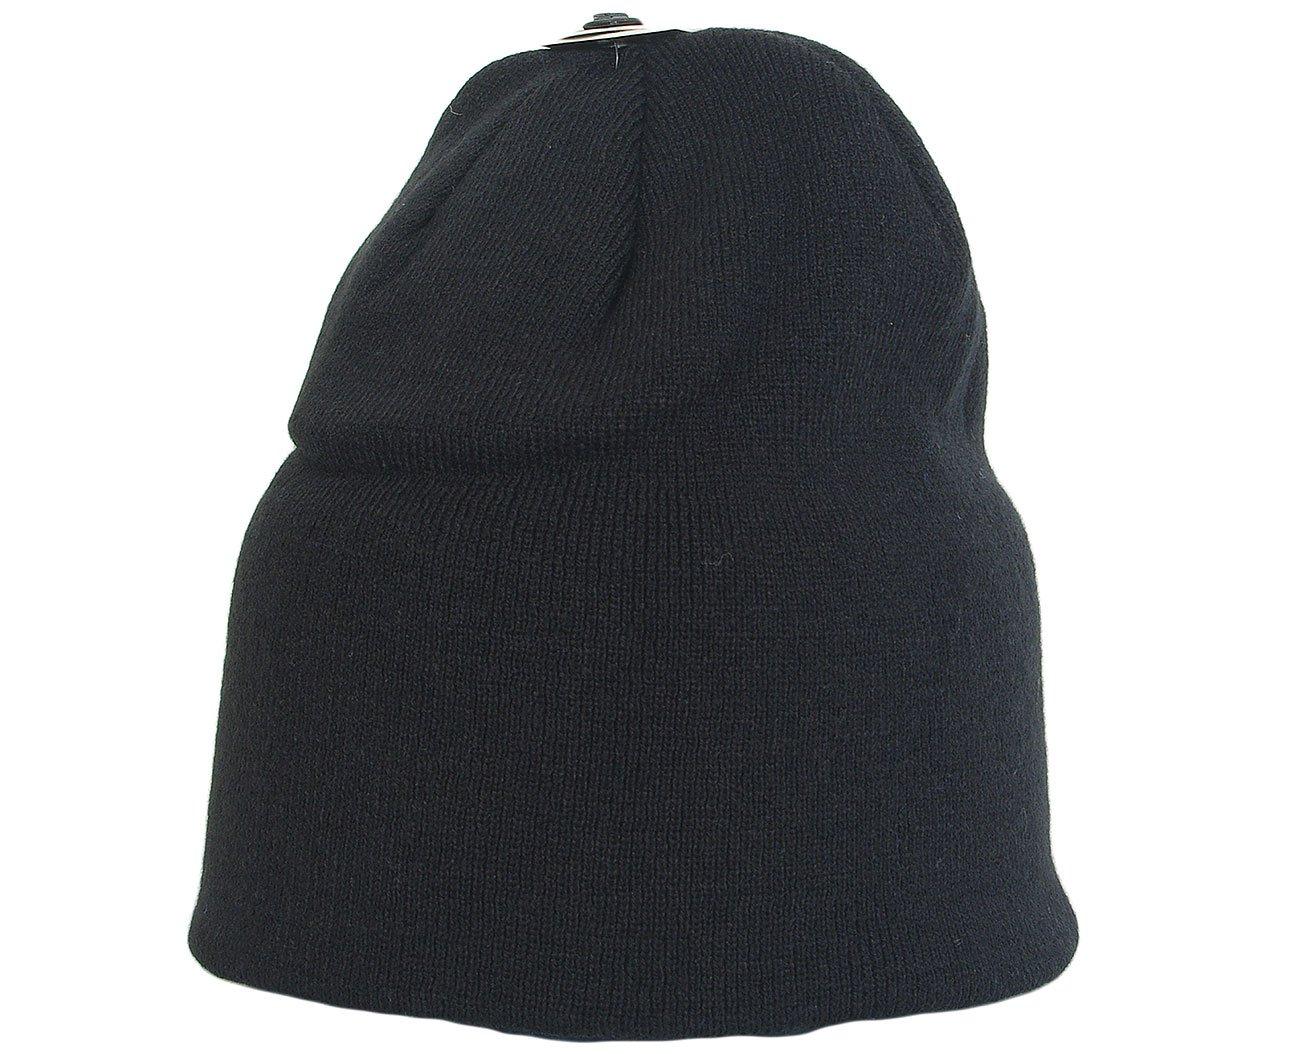 Mess 2356 Nero/Blu czapka